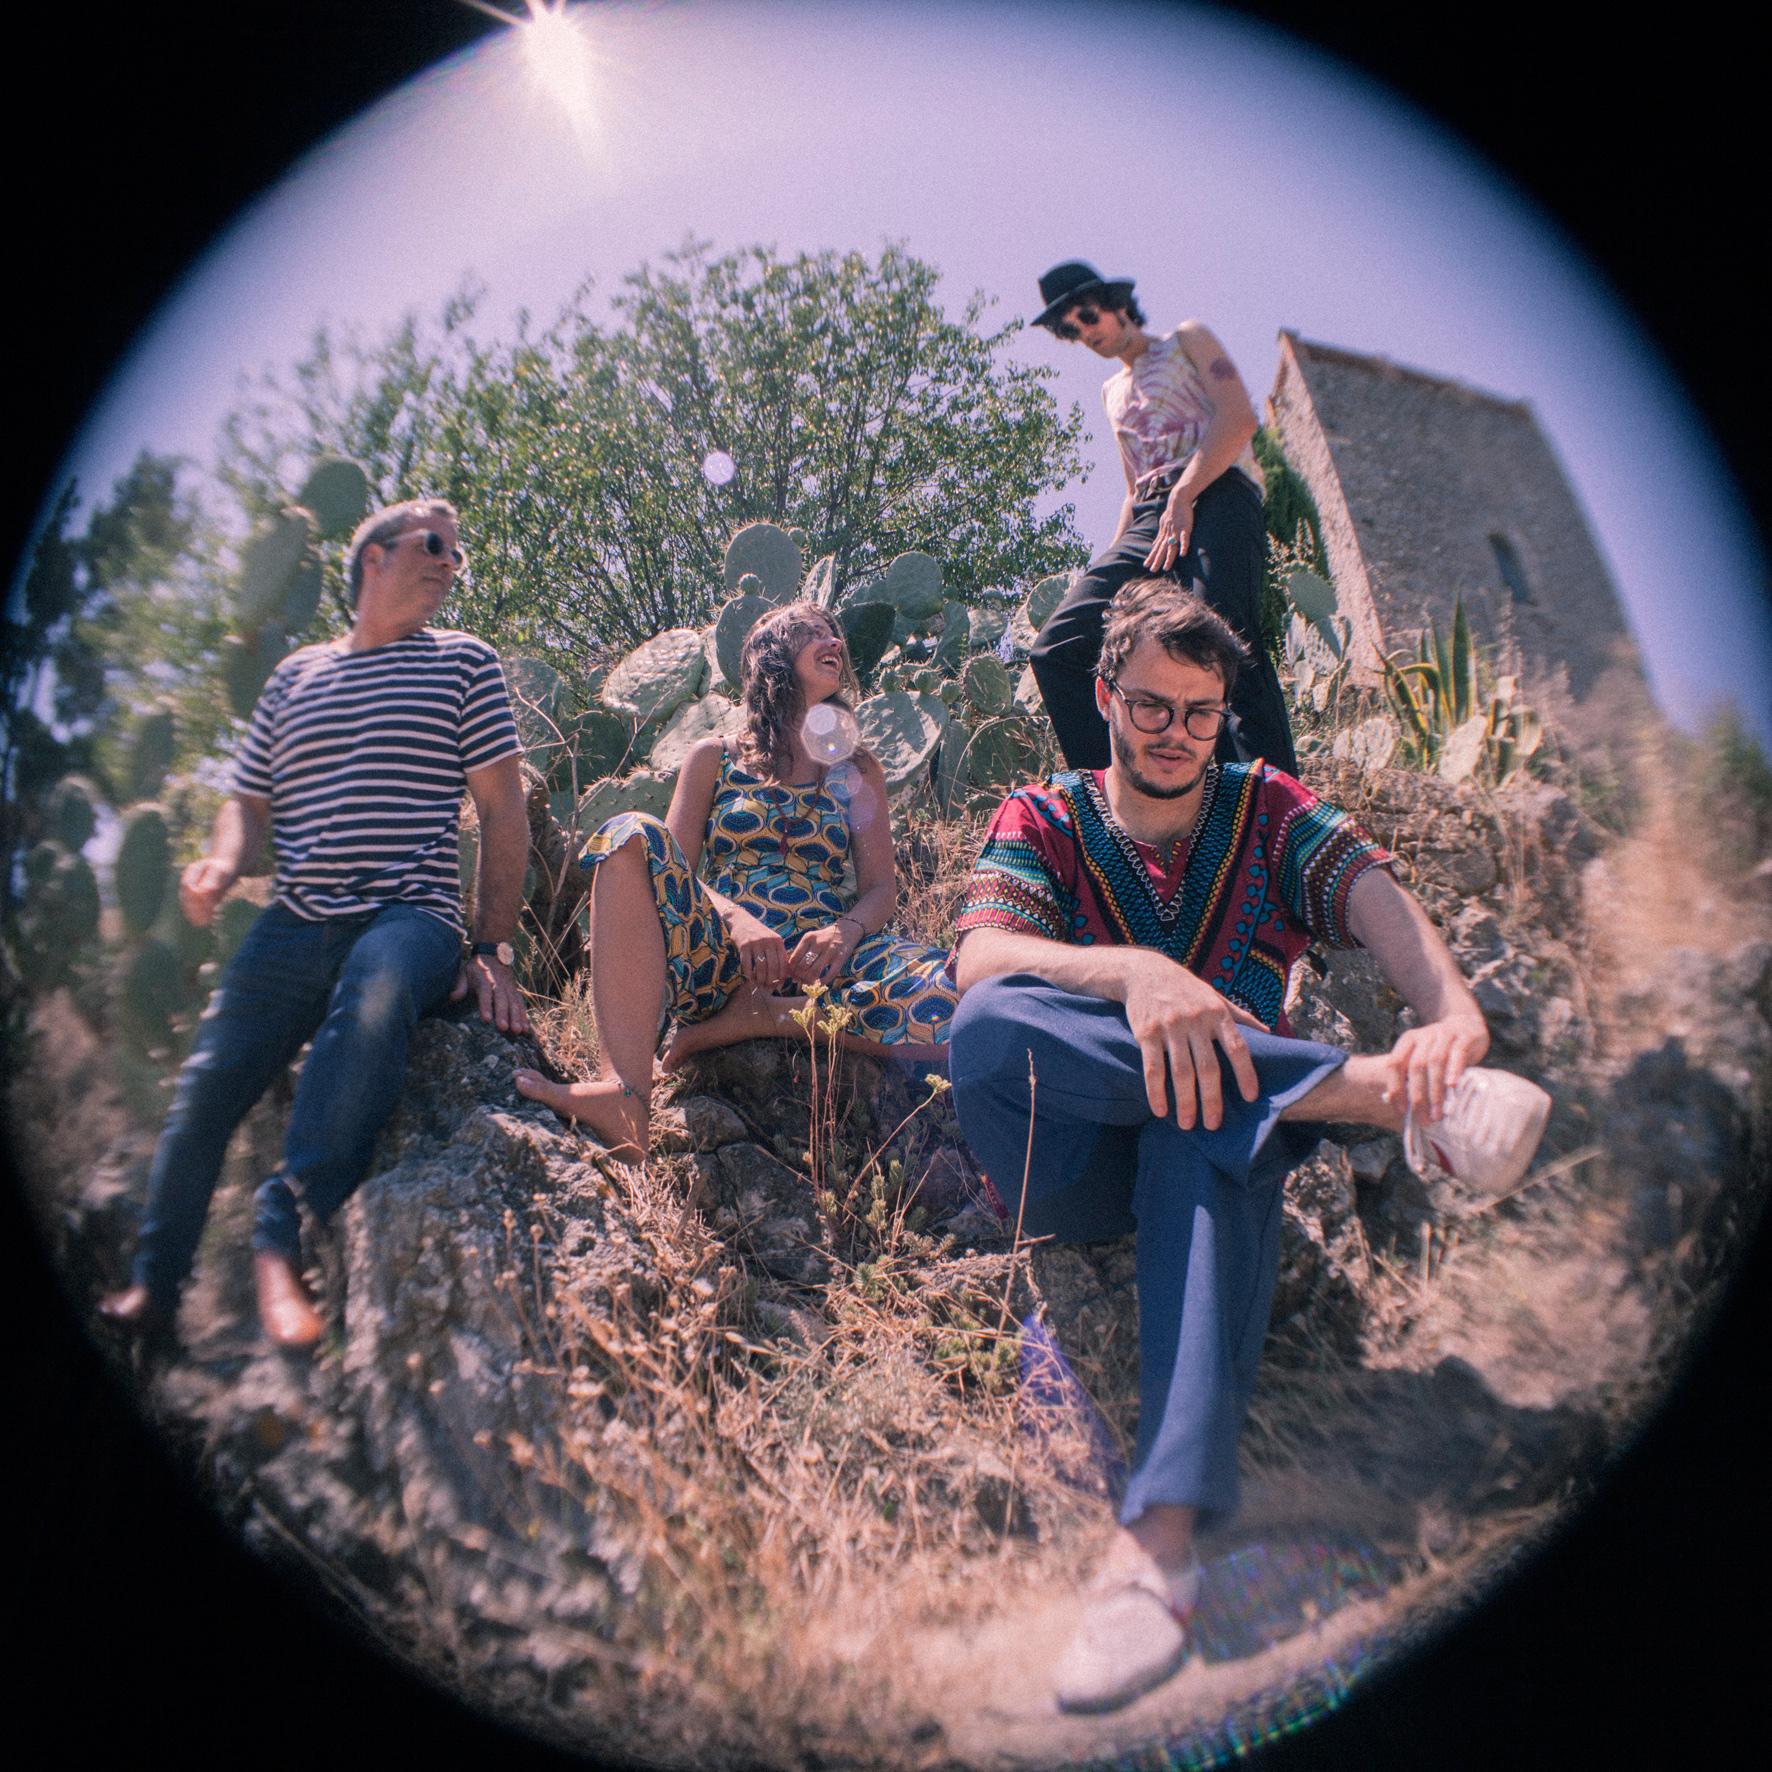 lune-apache-onironautes-premier-album-chronique-litzic